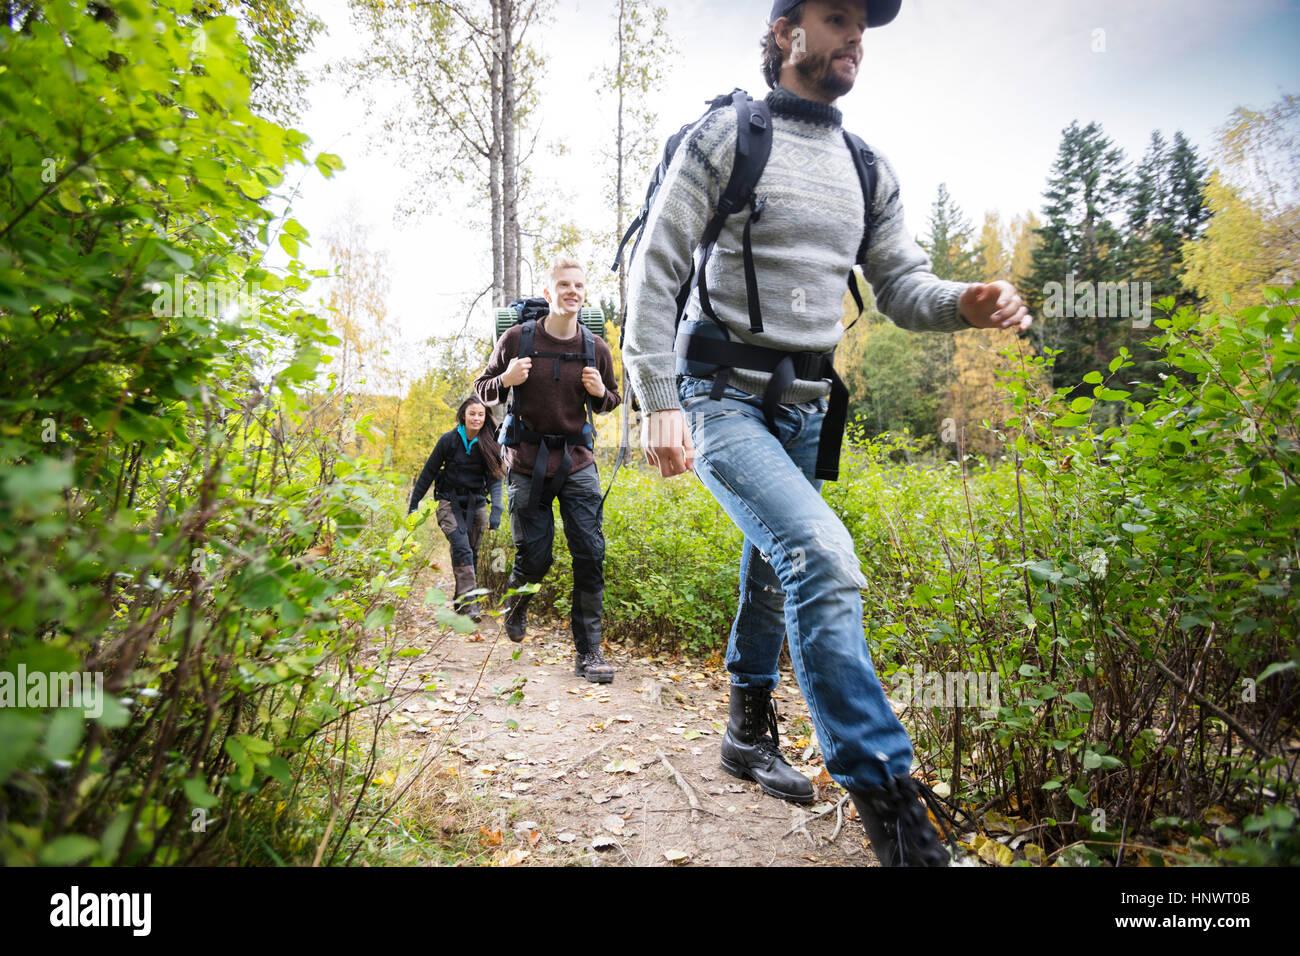 Junger Mann mit Freunden Wandern Auf Forstweg Stockbild